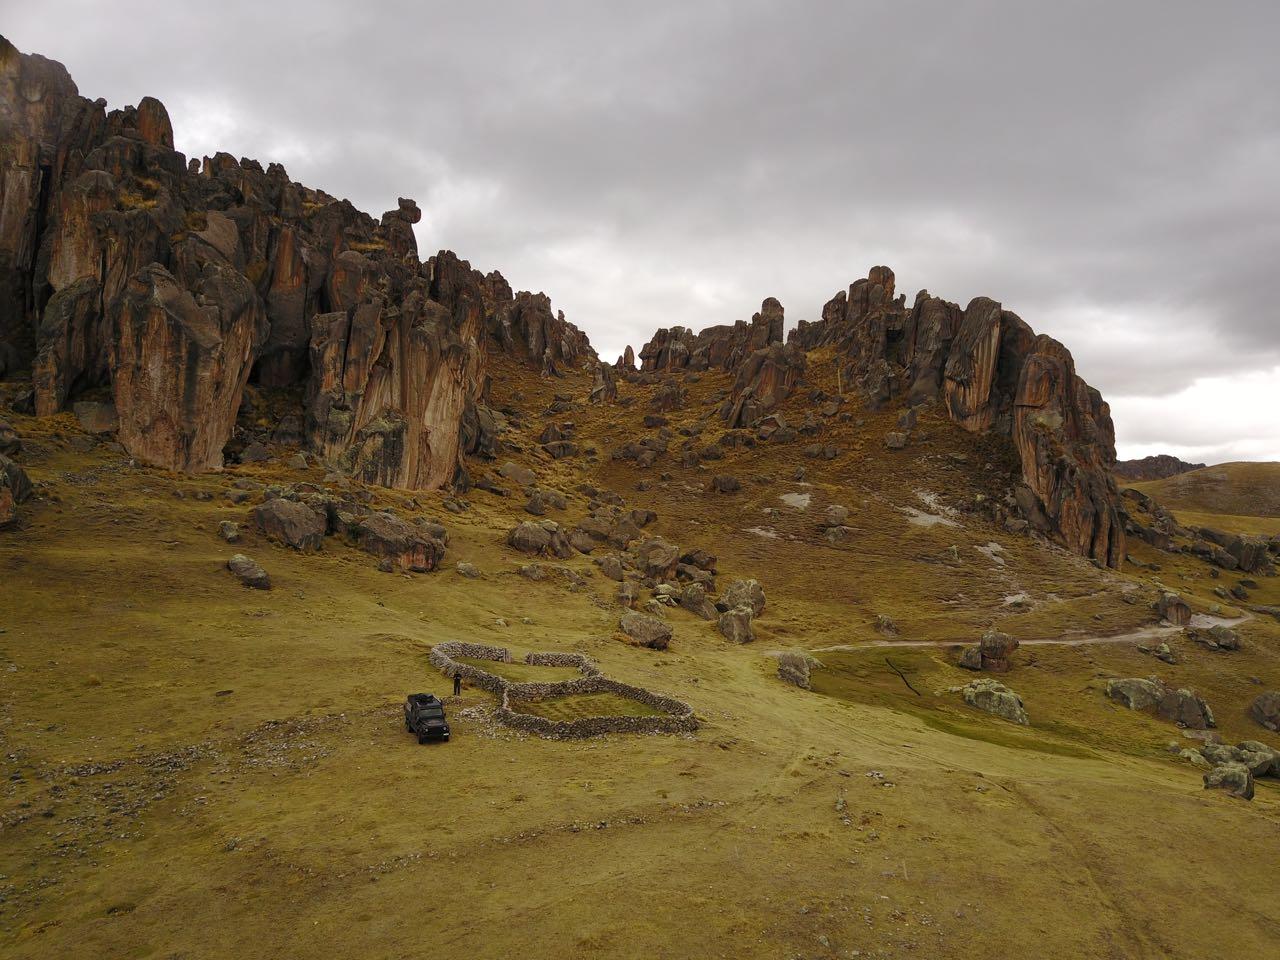 Ein wunderschöner Platz mitten in diesen zerklüfteten Felsen.